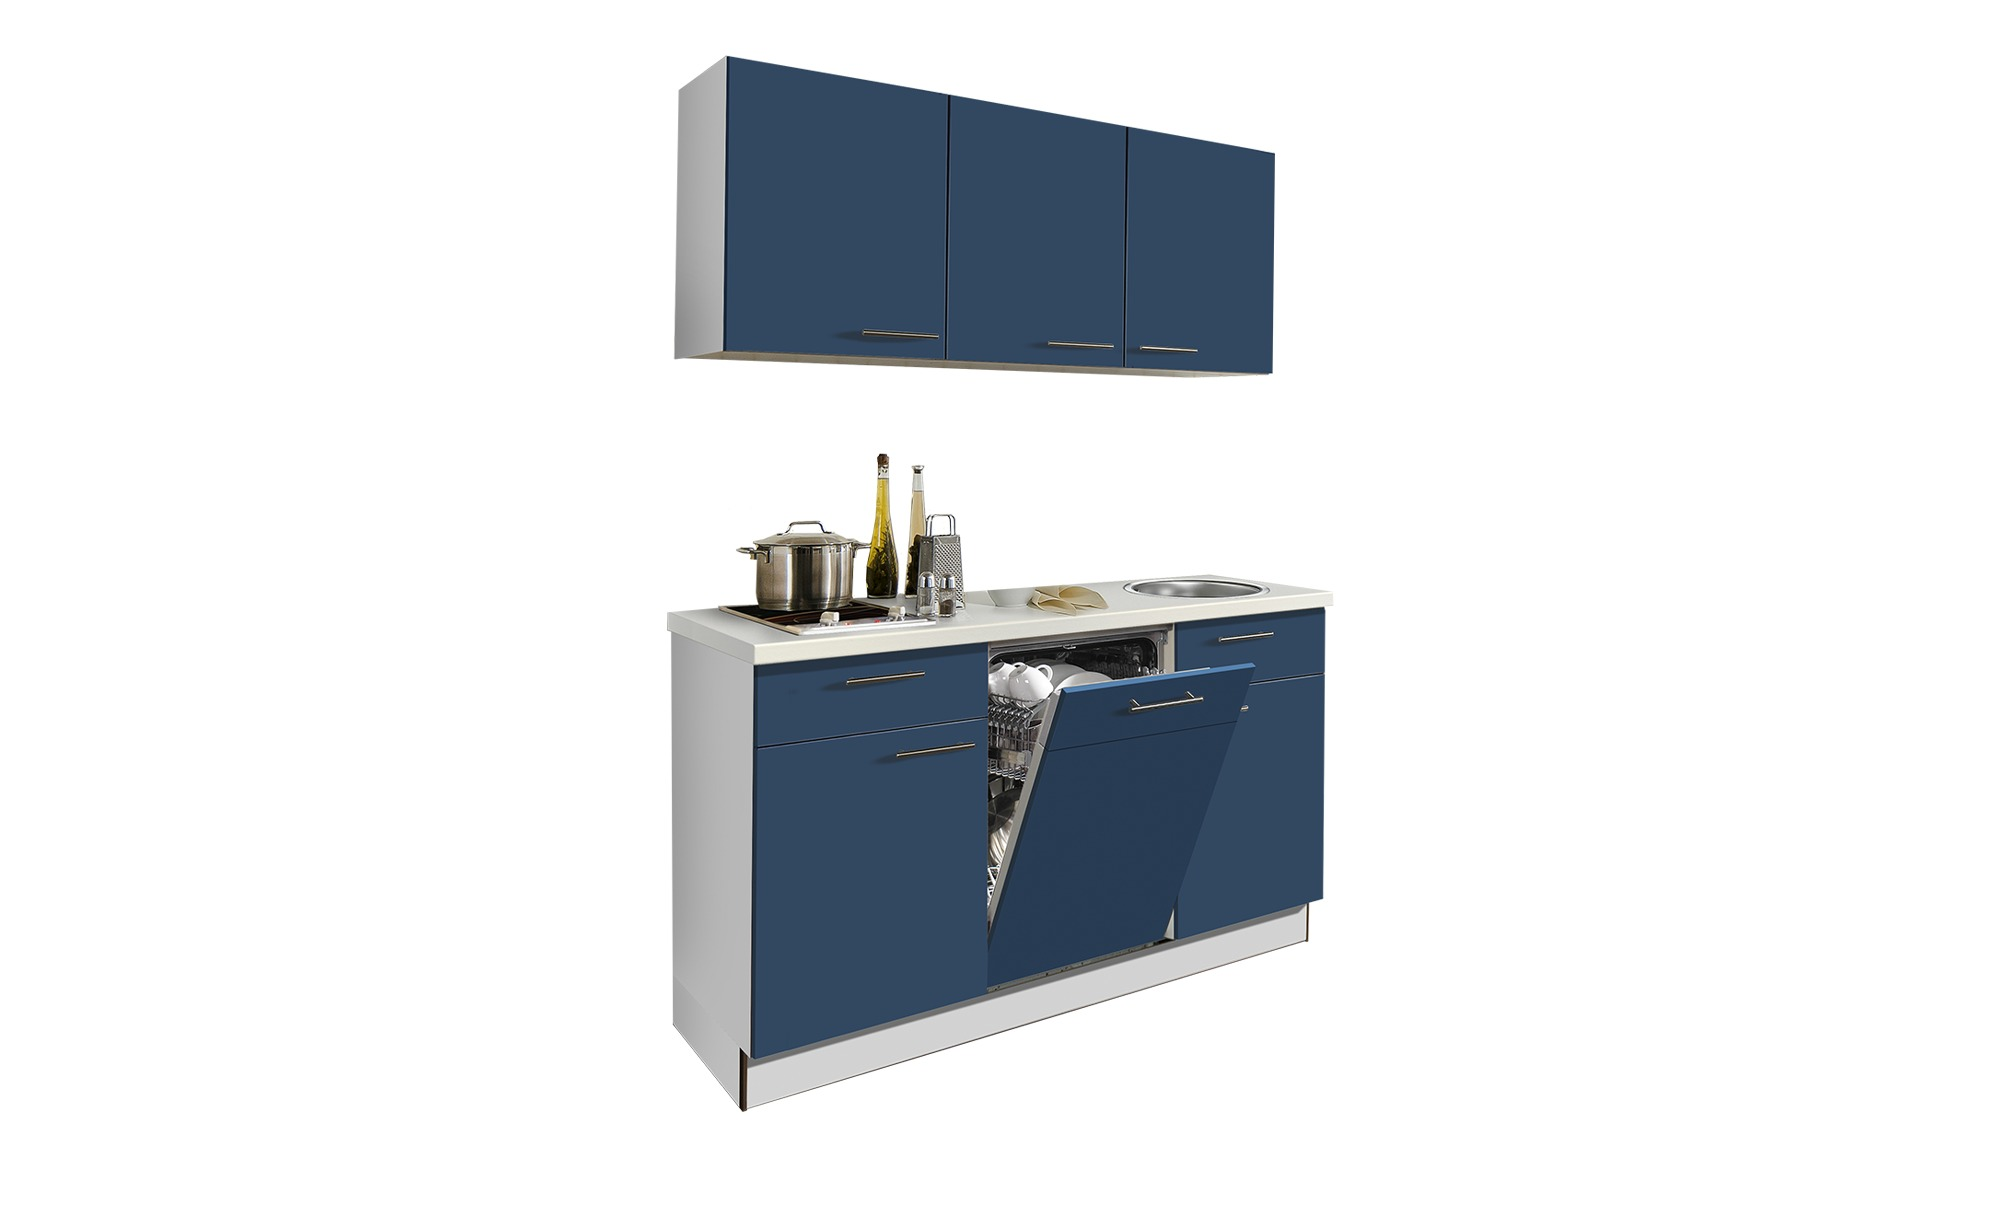 Küchenzeile  Smart 1200 - blau - Sconto günstig online kaufen